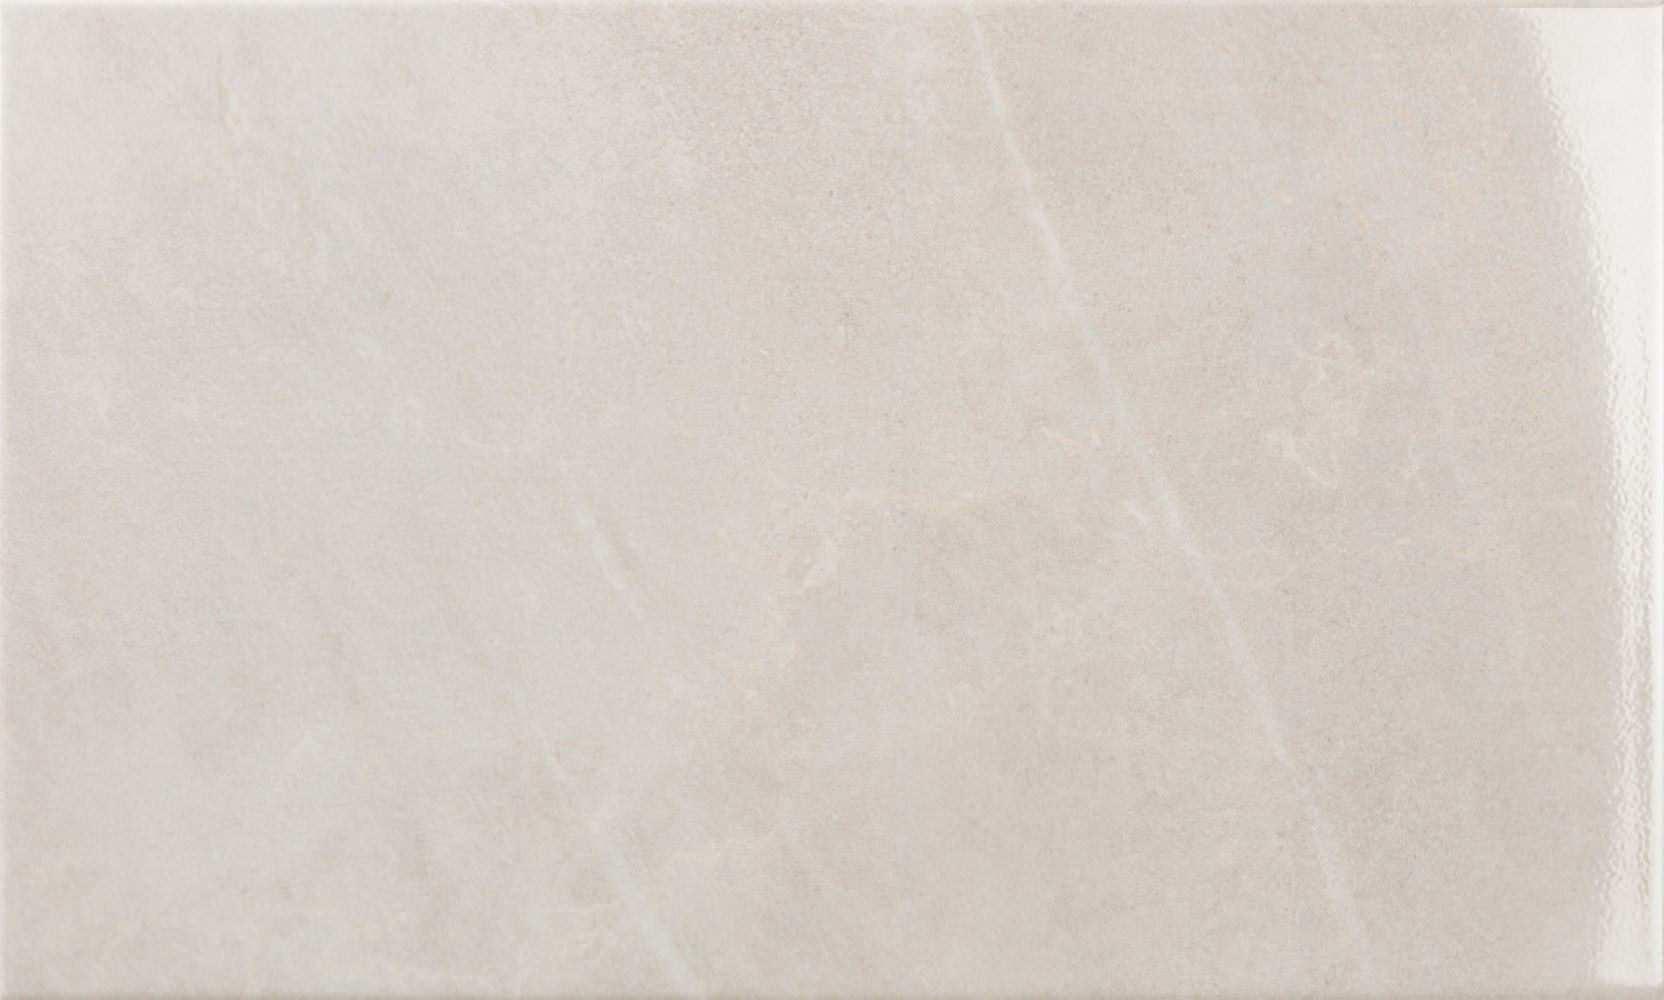 Faianță pentru baie Ecoceramic Origami Perla 333x550 lucioasă gri / 10